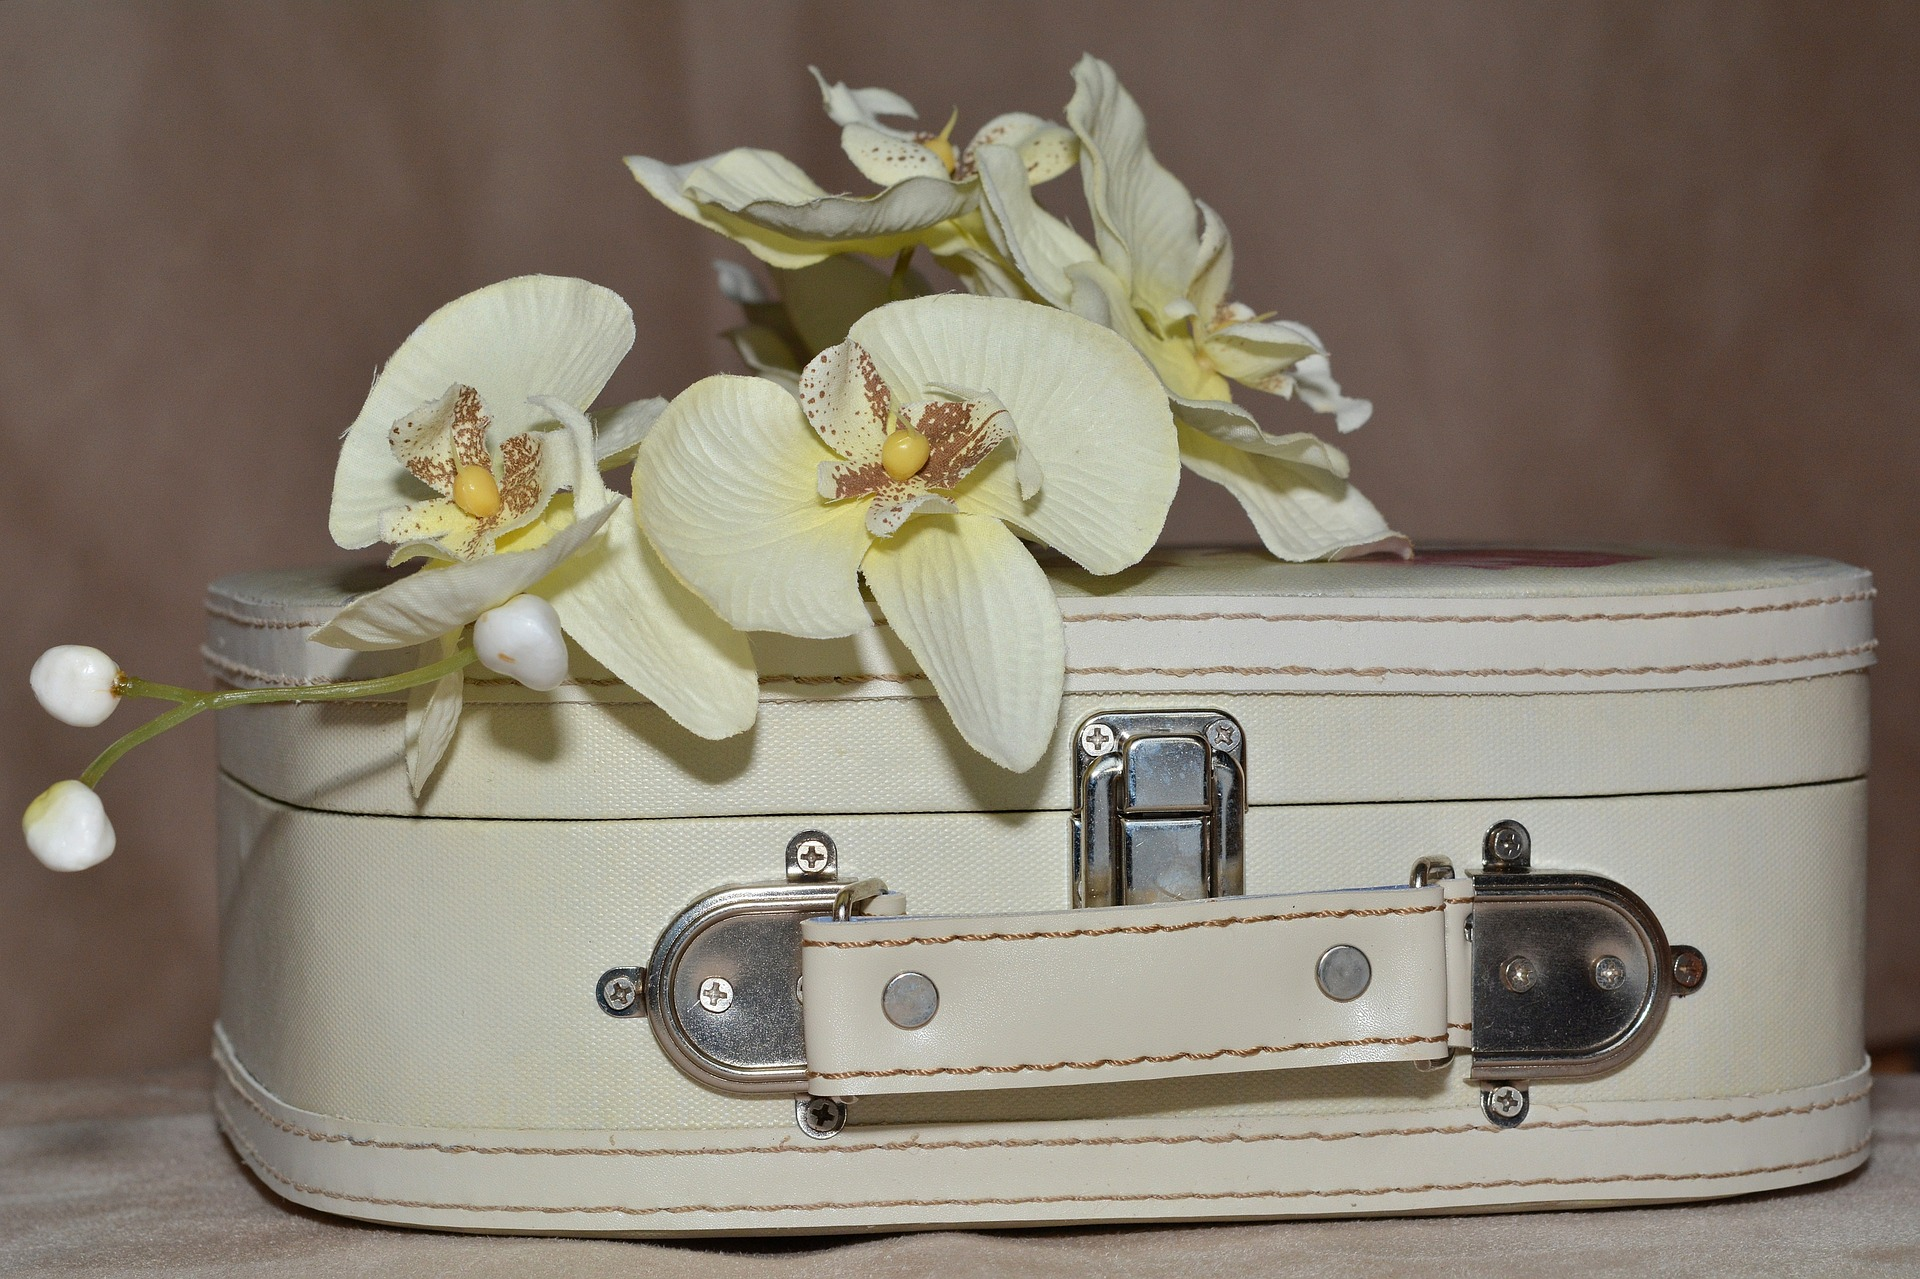 luggage-606542_1920